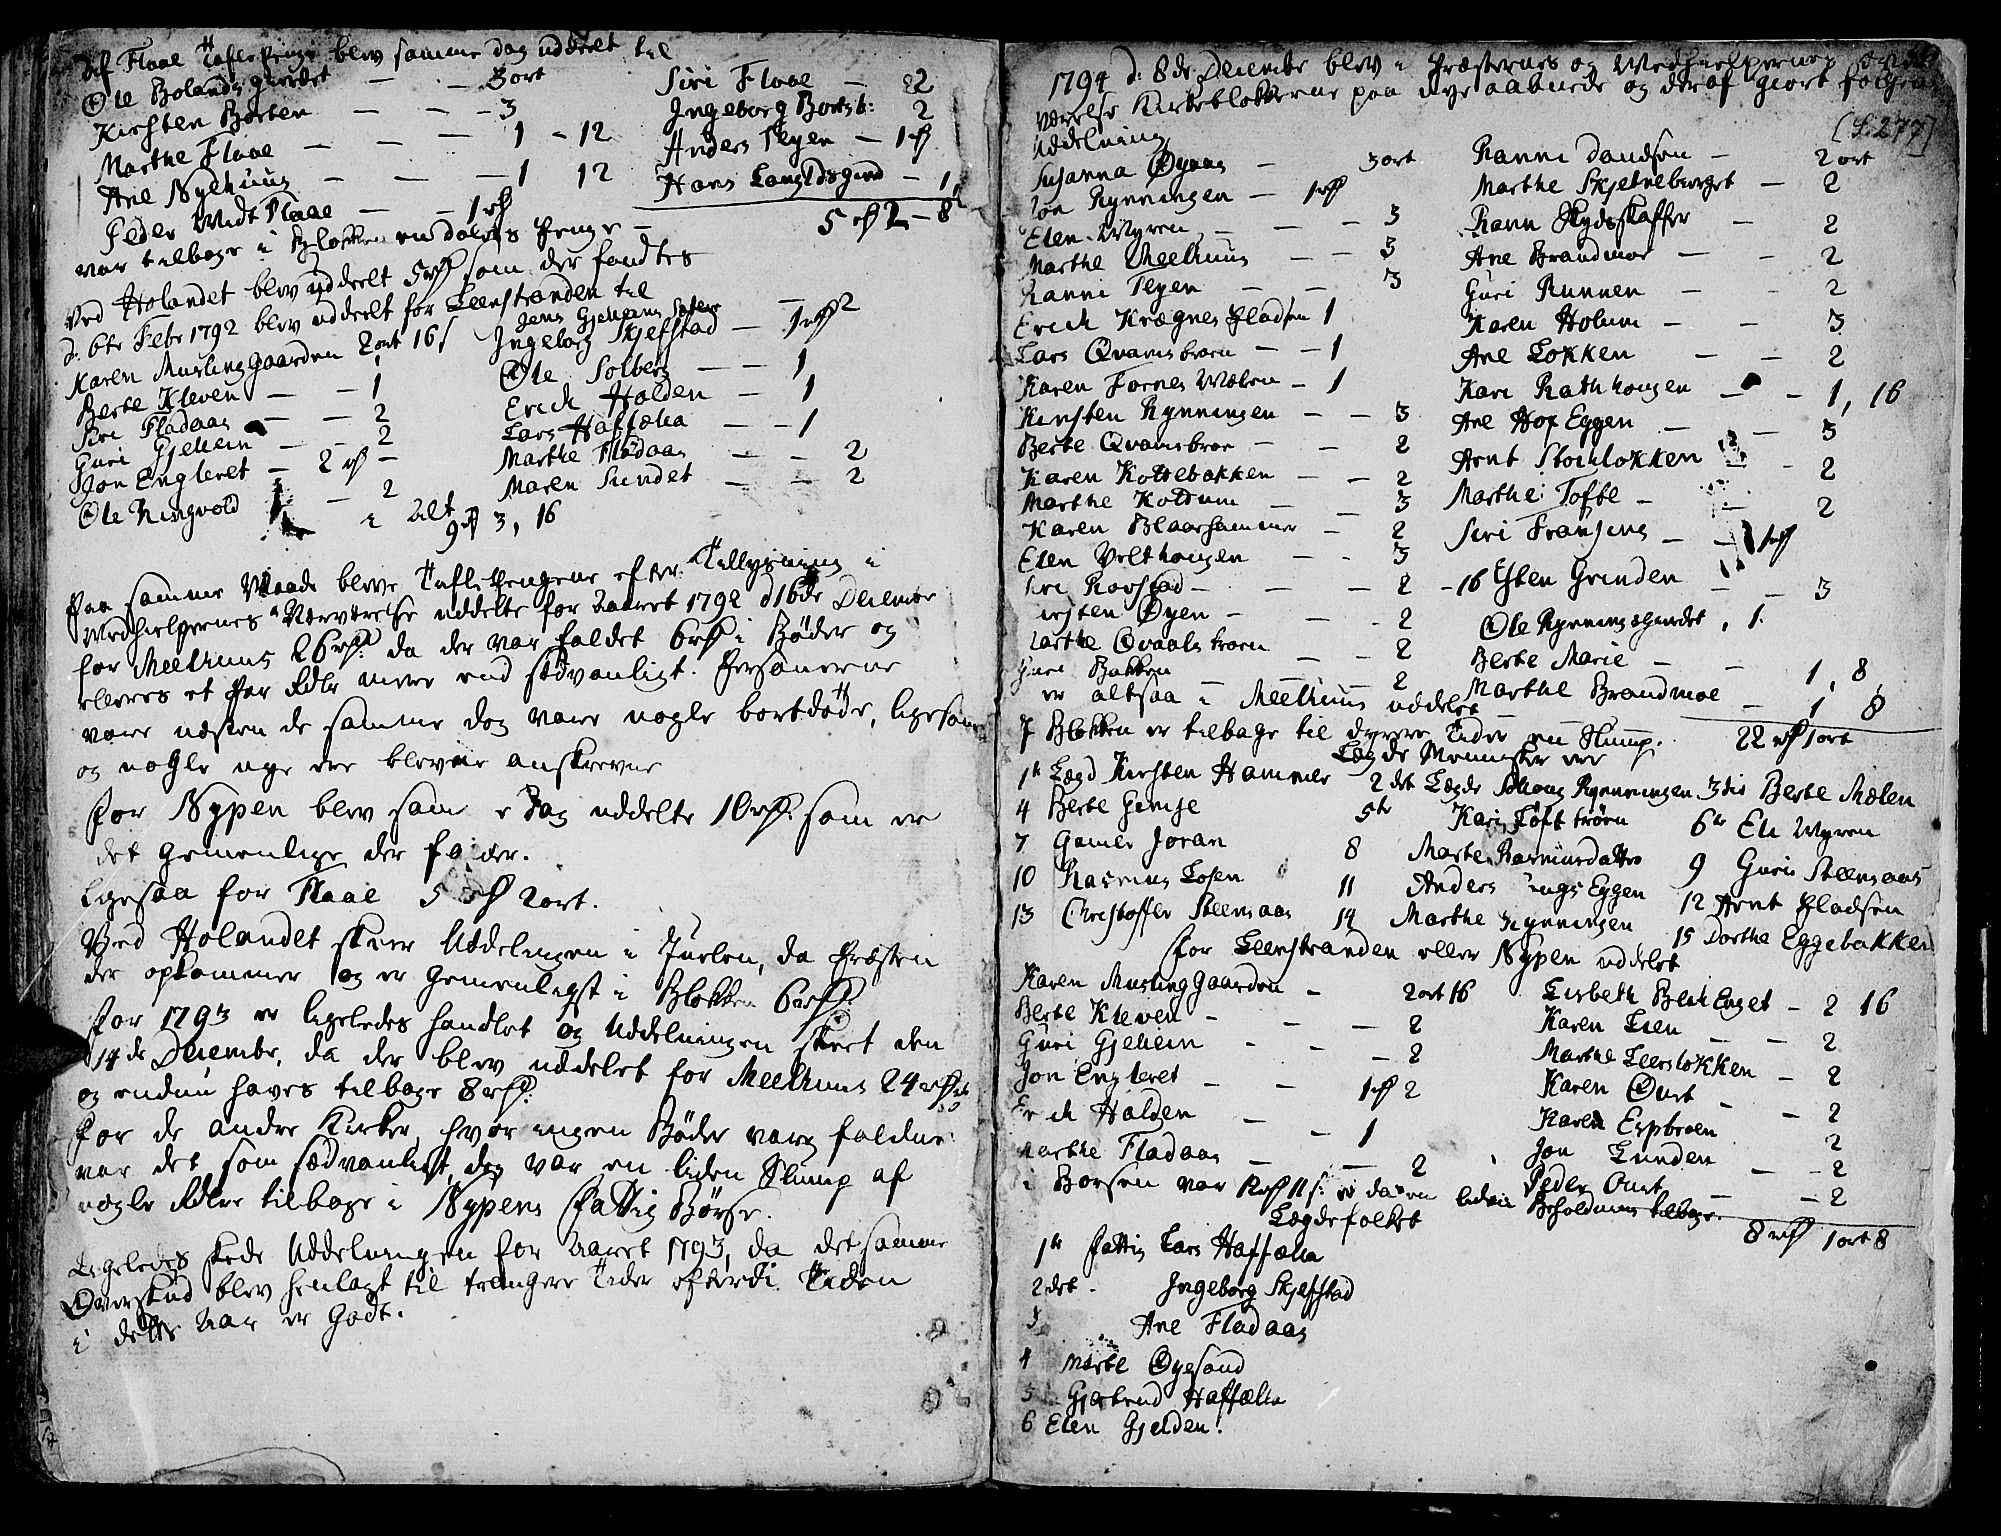 SAT, Ministerialprotokoller, klokkerbøker og fødselsregistre - Sør-Trøndelag, 691/L1061: Ministerialbok nr. 691A02 /1, 1768-1815, s. 277